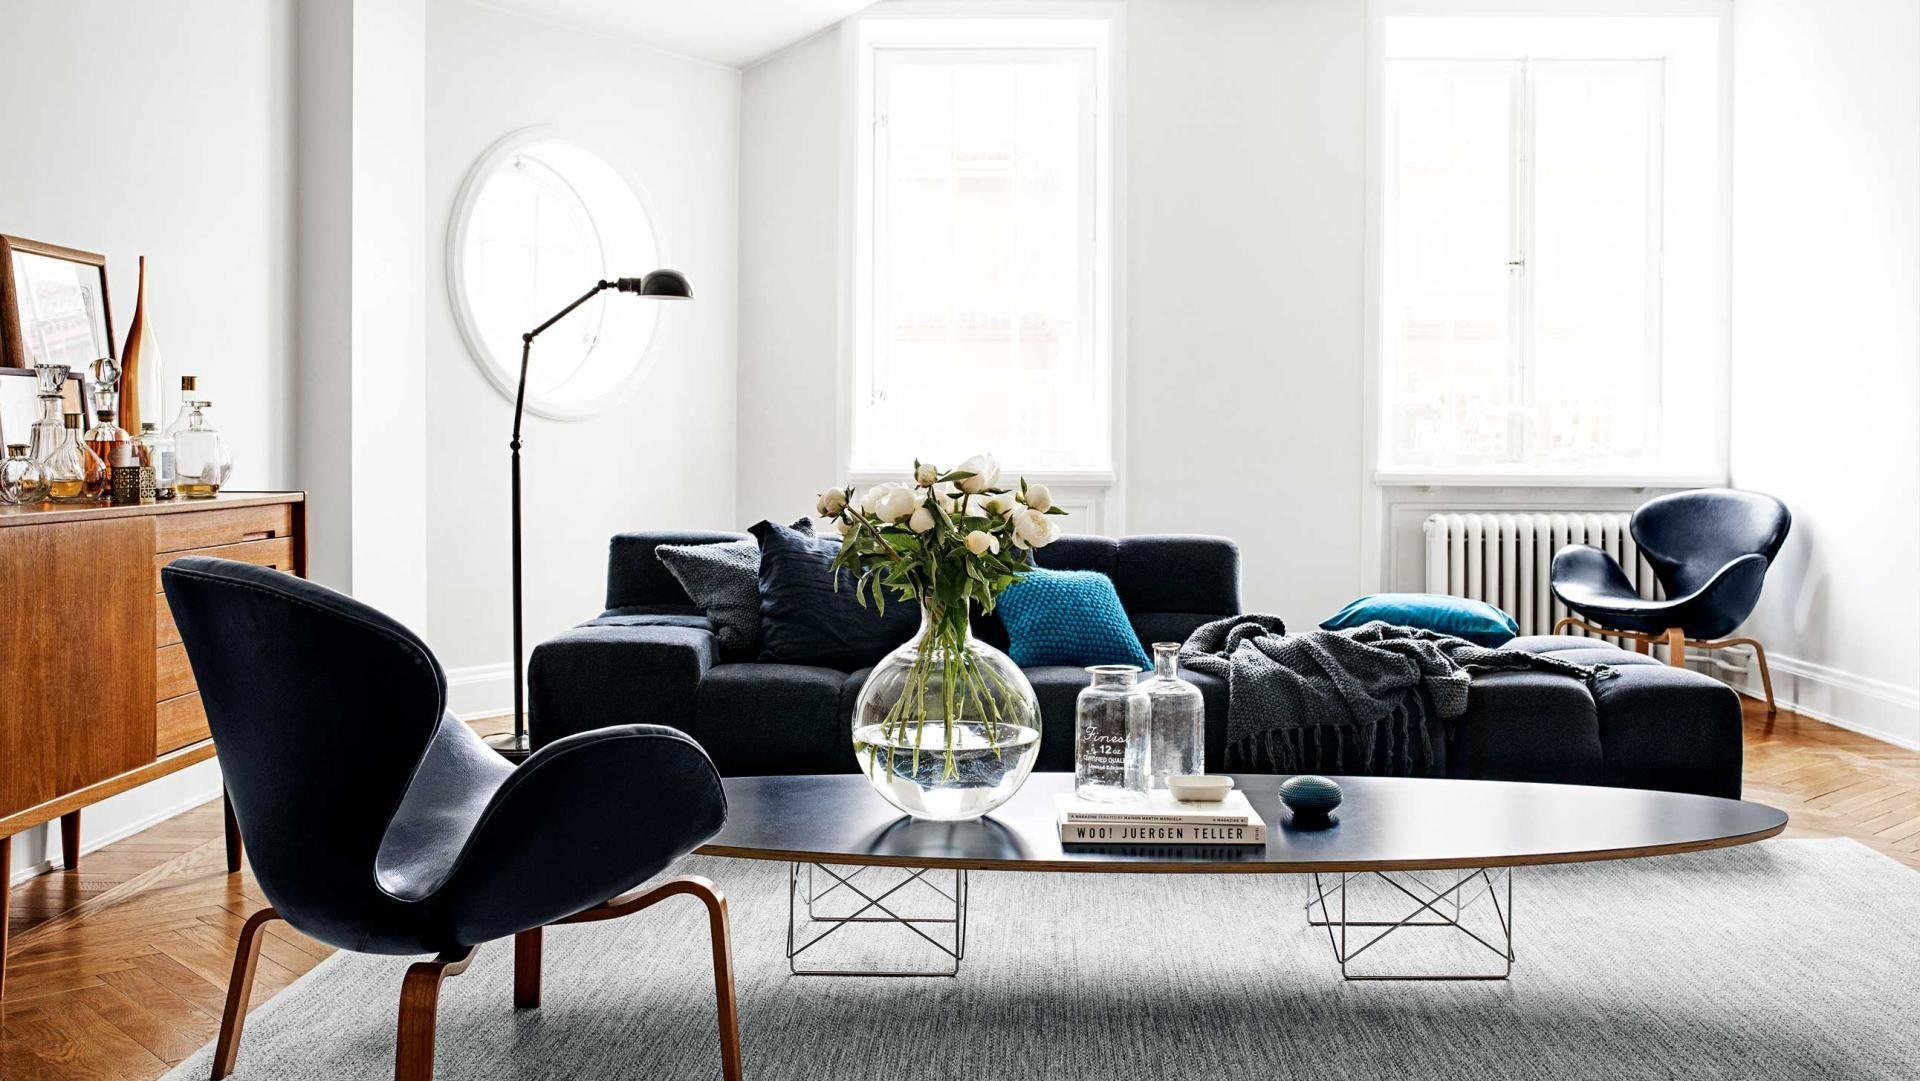 living-room / pokój dzienny H&M-Evelina-Kravaev /  Soderberg-home